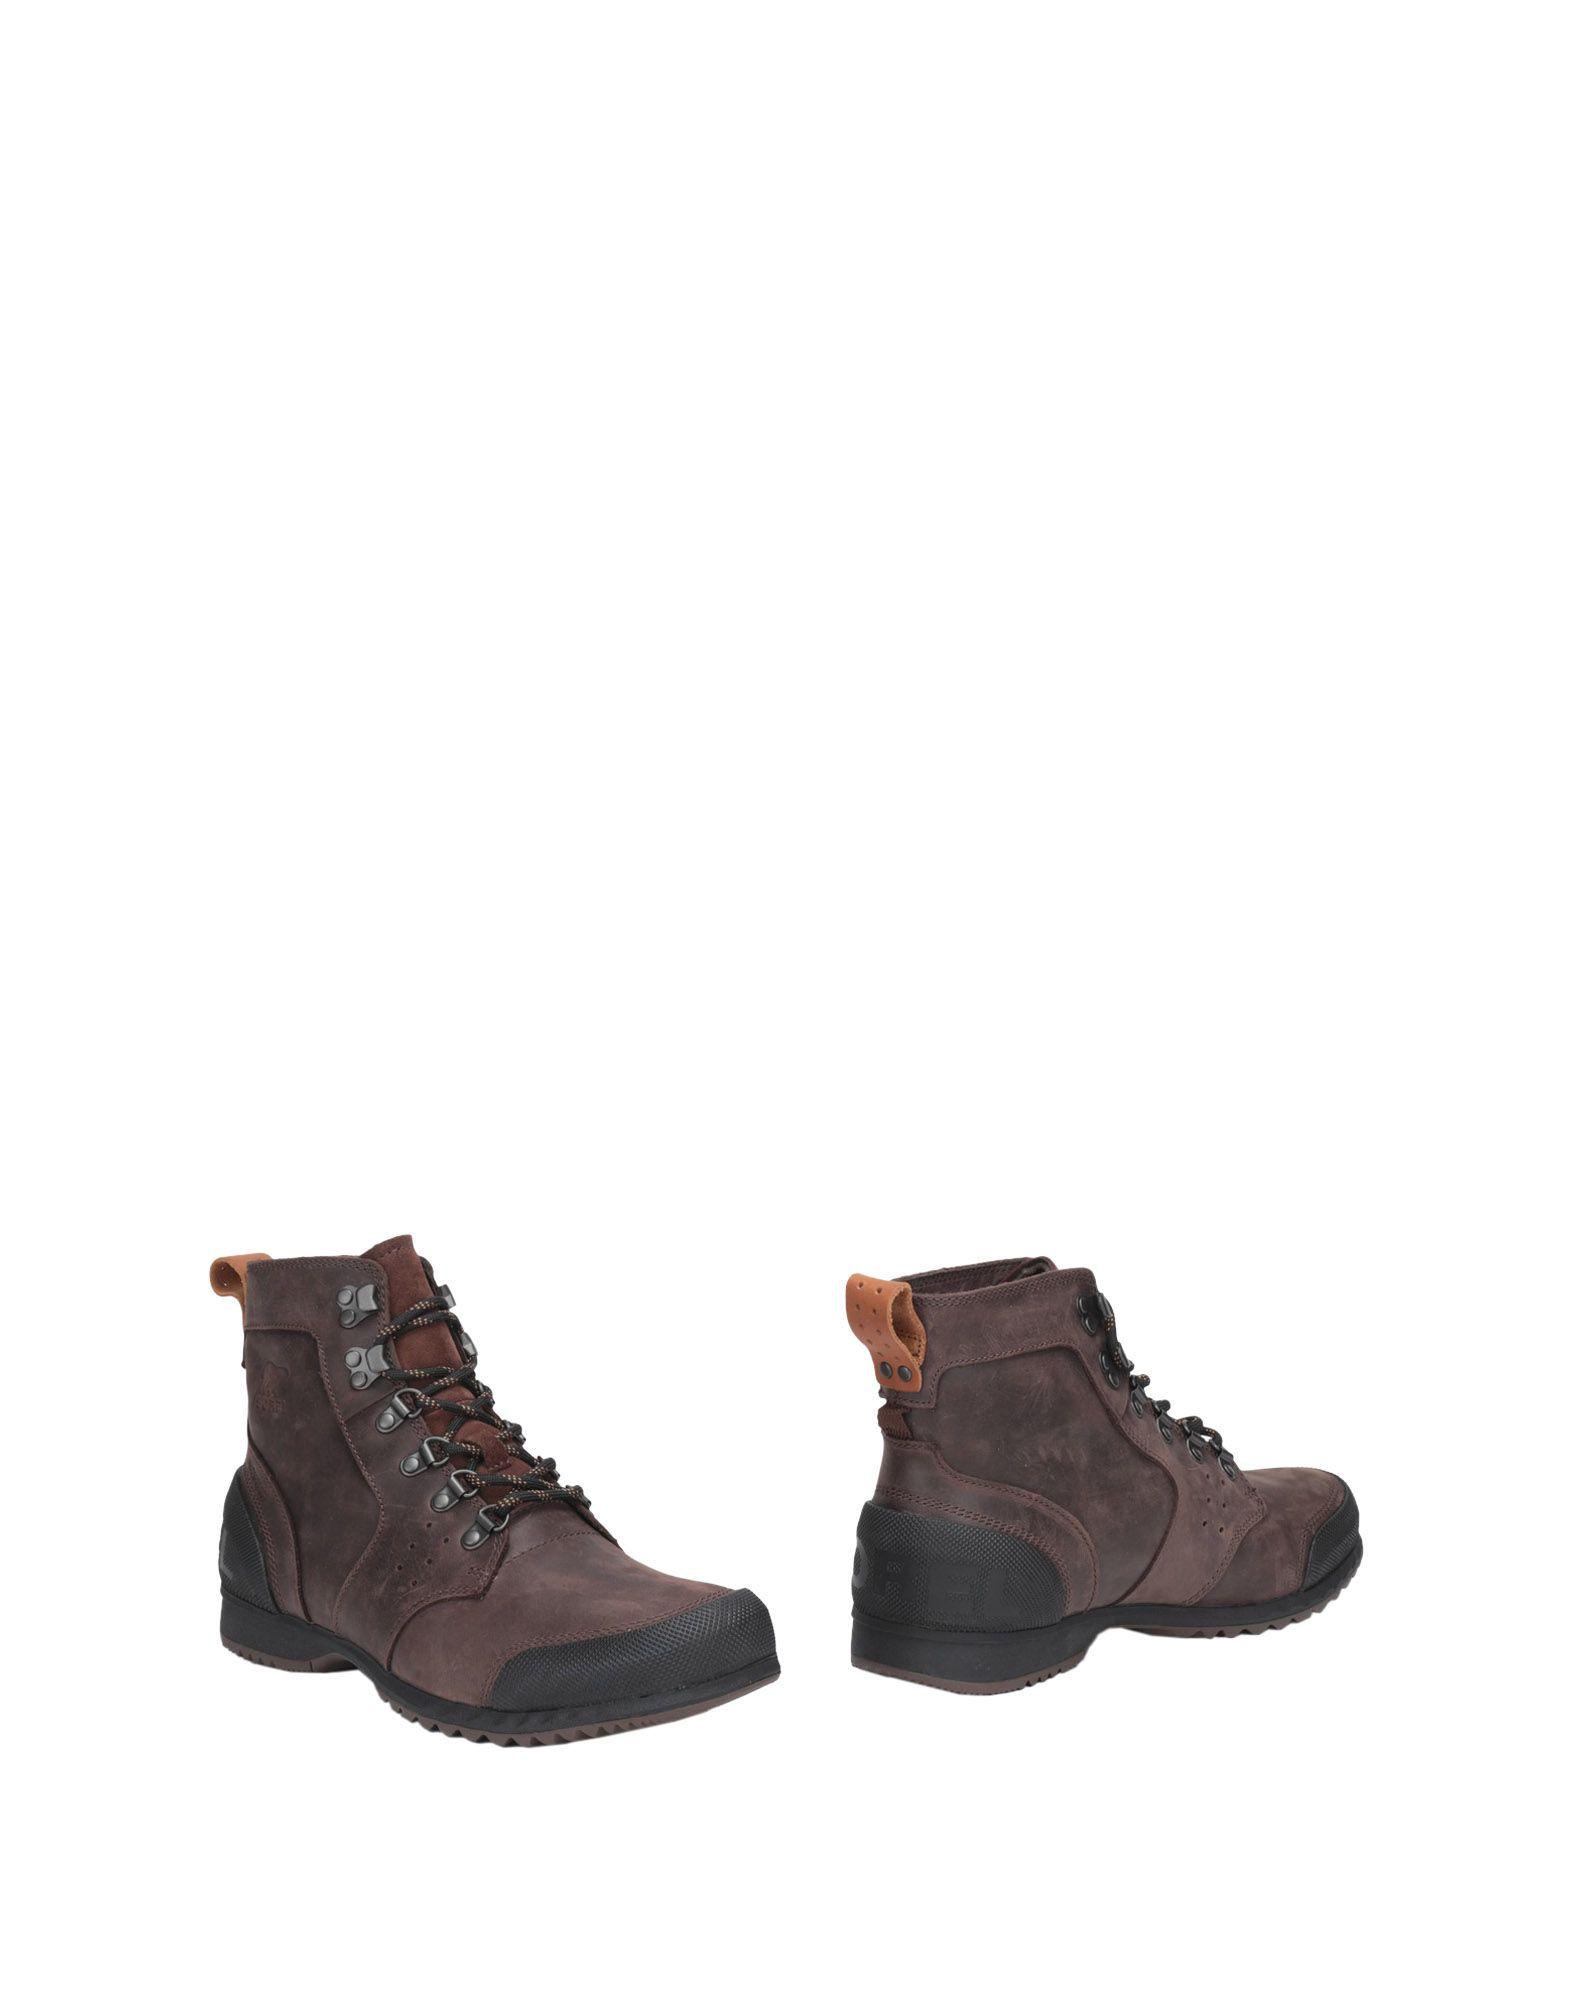 Sneakers Nike Donna - 11429498HA Scarpe economiche e buone